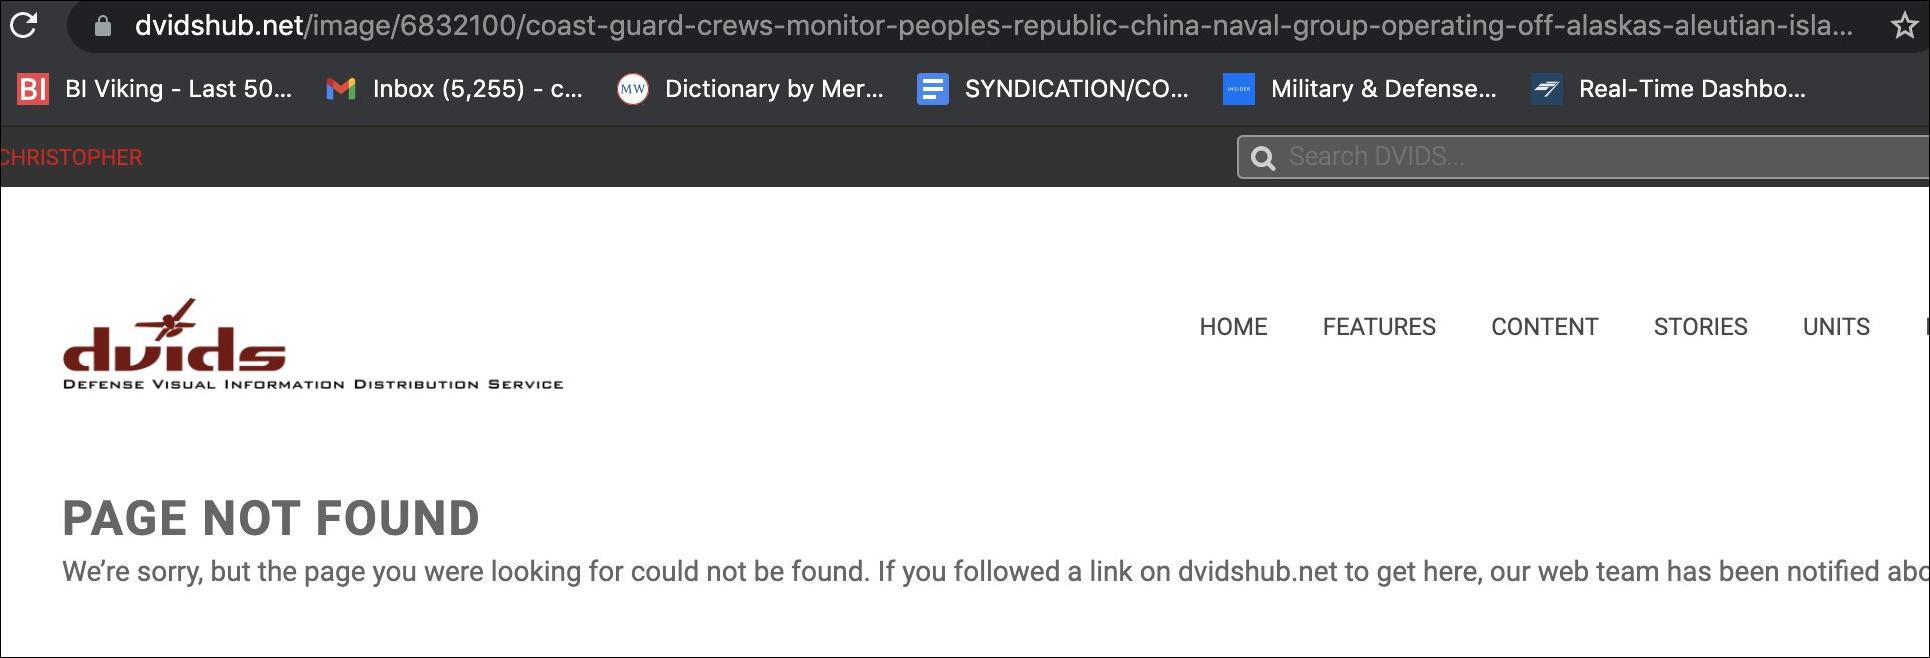 中国海军055大驱编队现身阿拉斯加 美军拍照发了又删